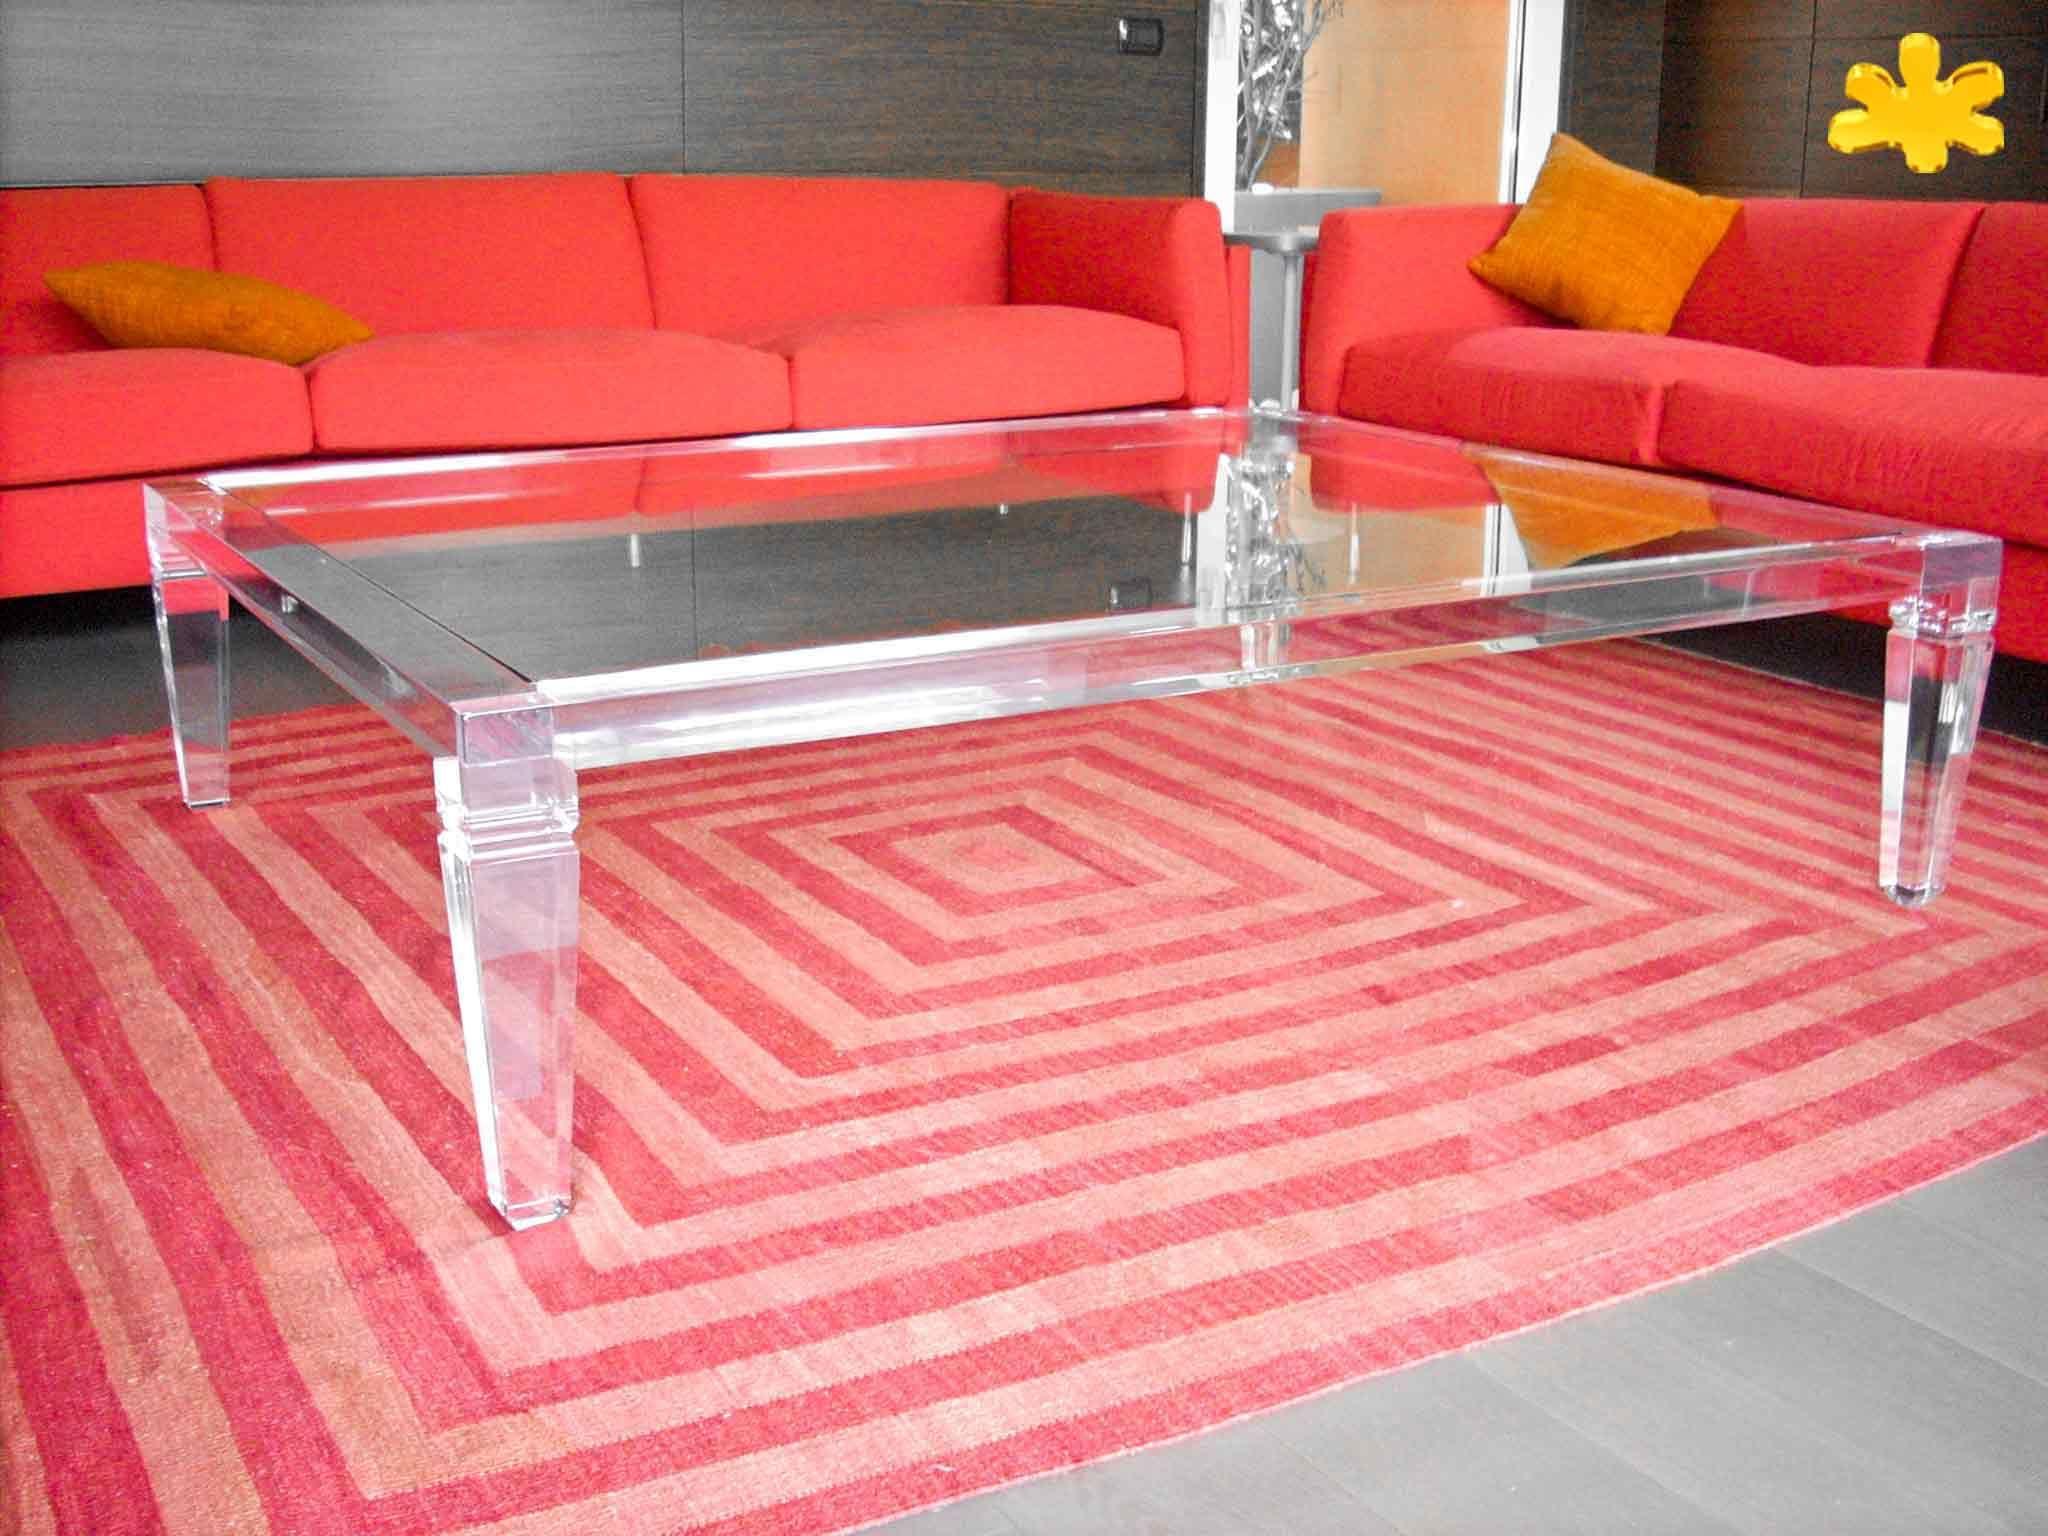 Tavolini Soggiorno Plexiglass.Lucite Acrylic Coffe Table Tavolini Da Salotto In